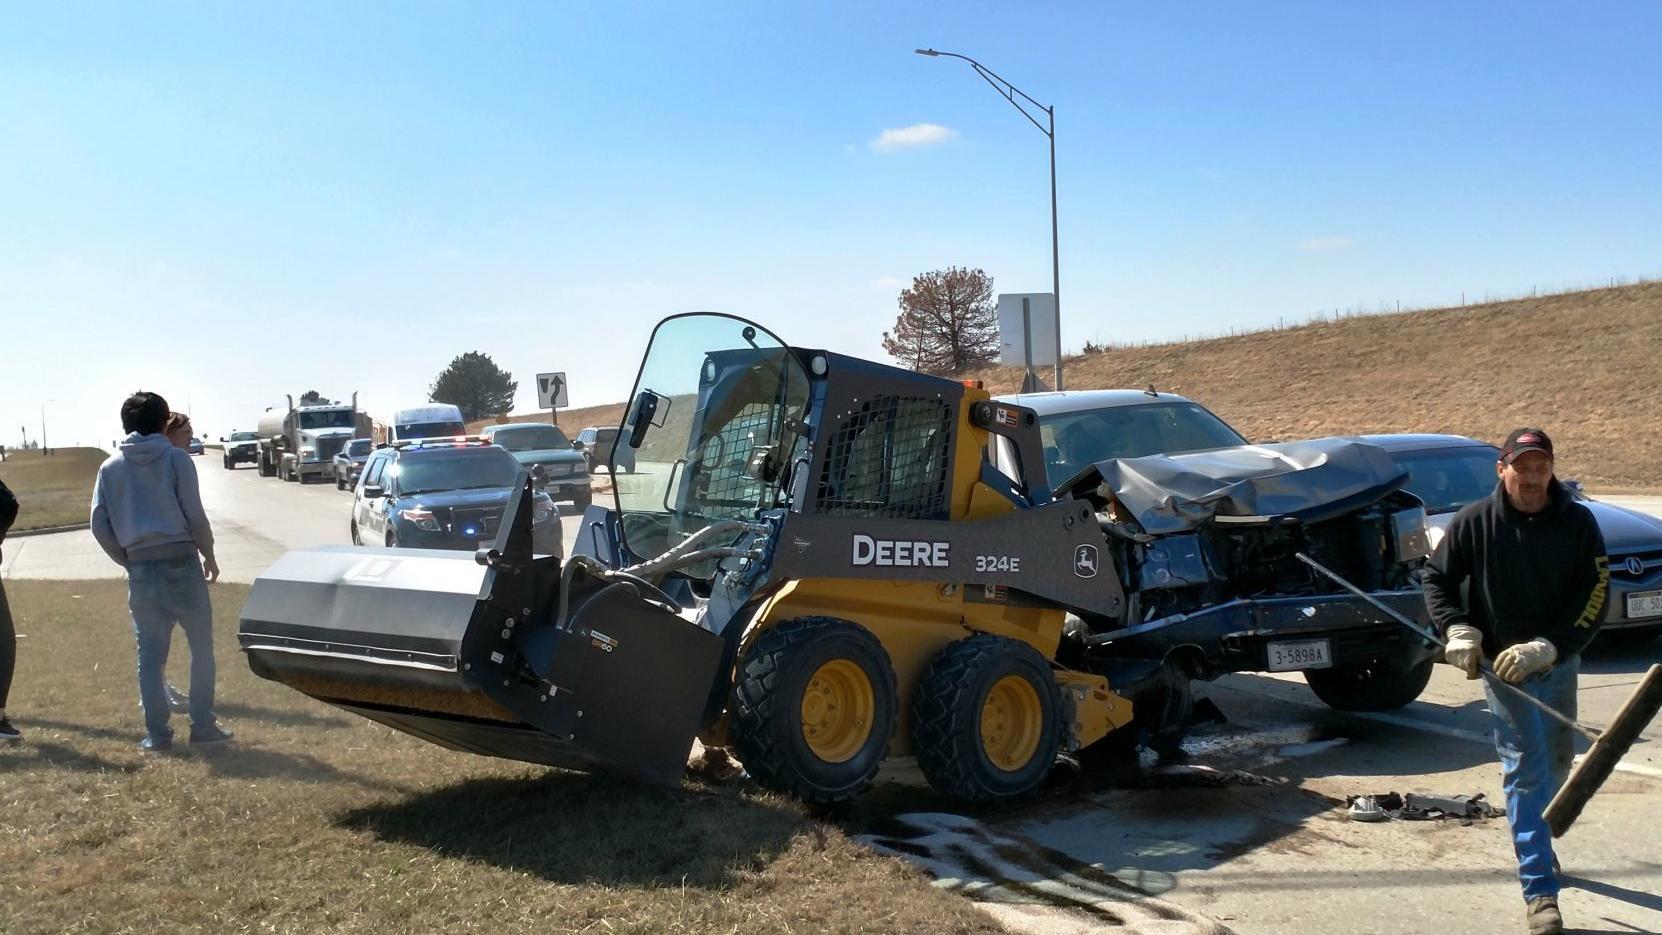 Truck hits skidloader on highway